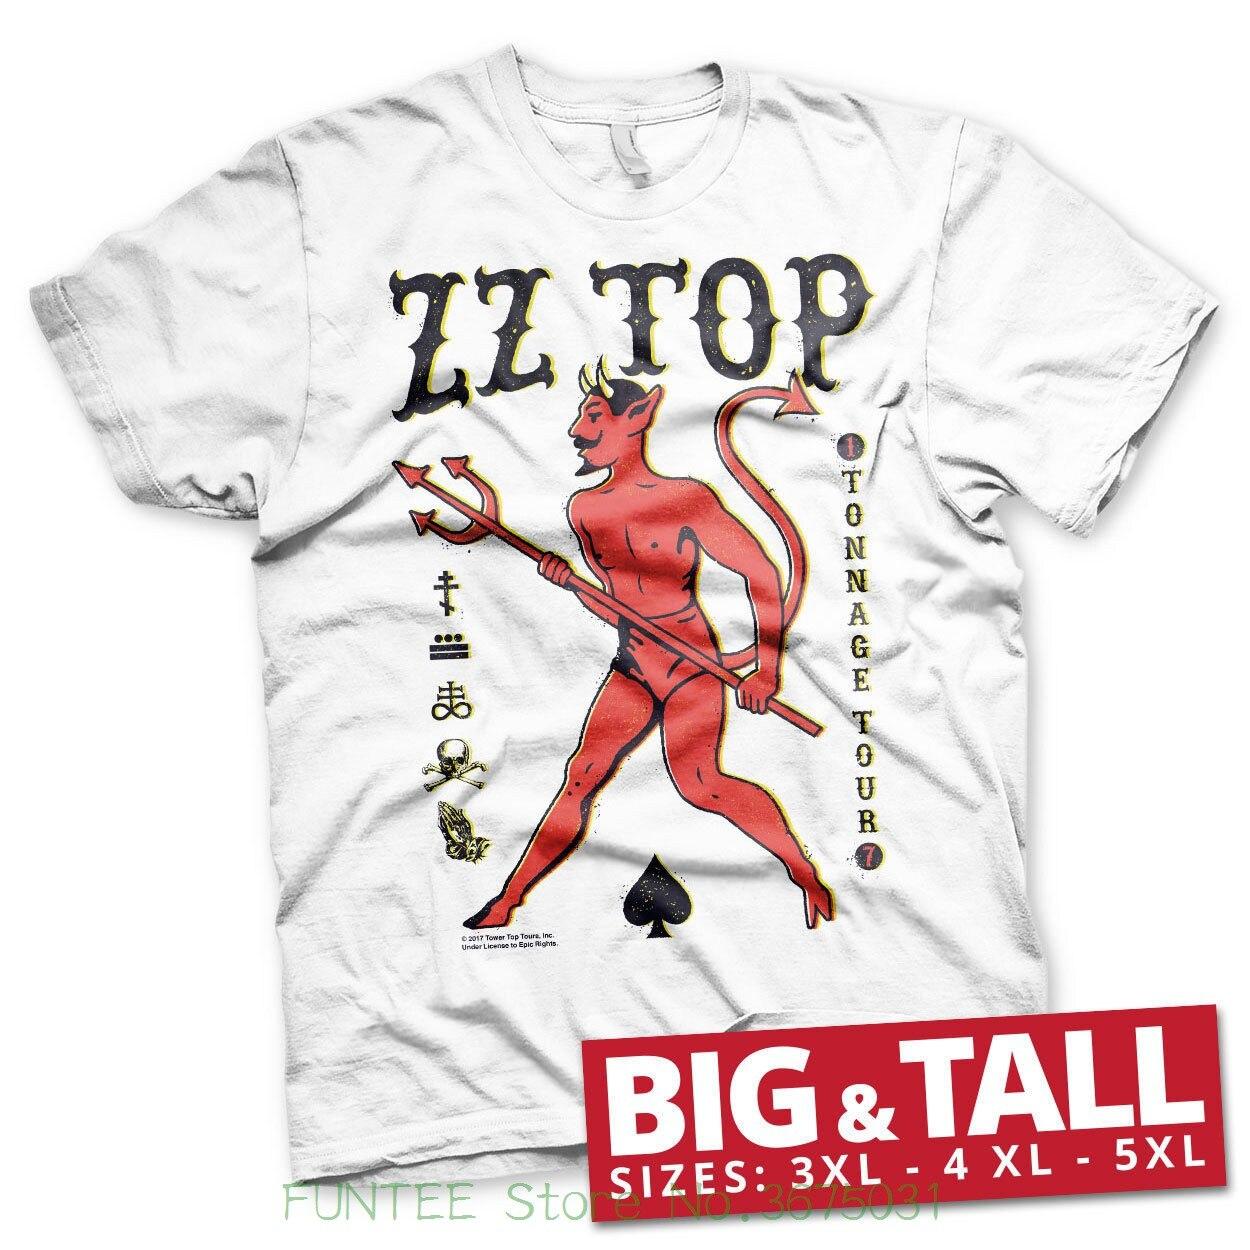 T-shirt homme 2018 nouveau sous licence officielle Zz-Top-Tonnage Tout grand & grand 3xl, 4xl, 5xl T-shirt homme